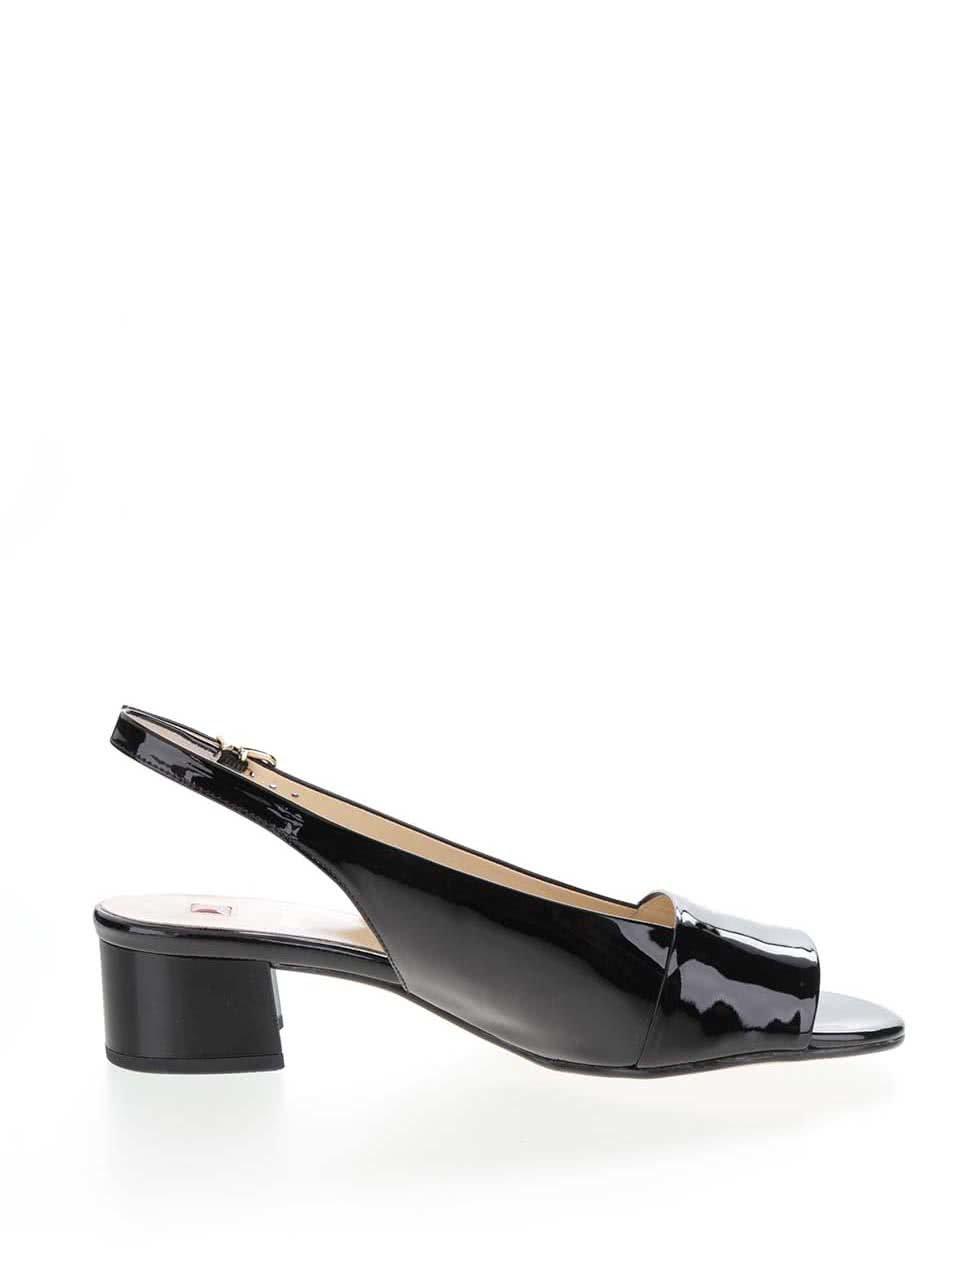 7464cbdbe1 Čierne kožené lesklé sandále na podpätku Högl ...